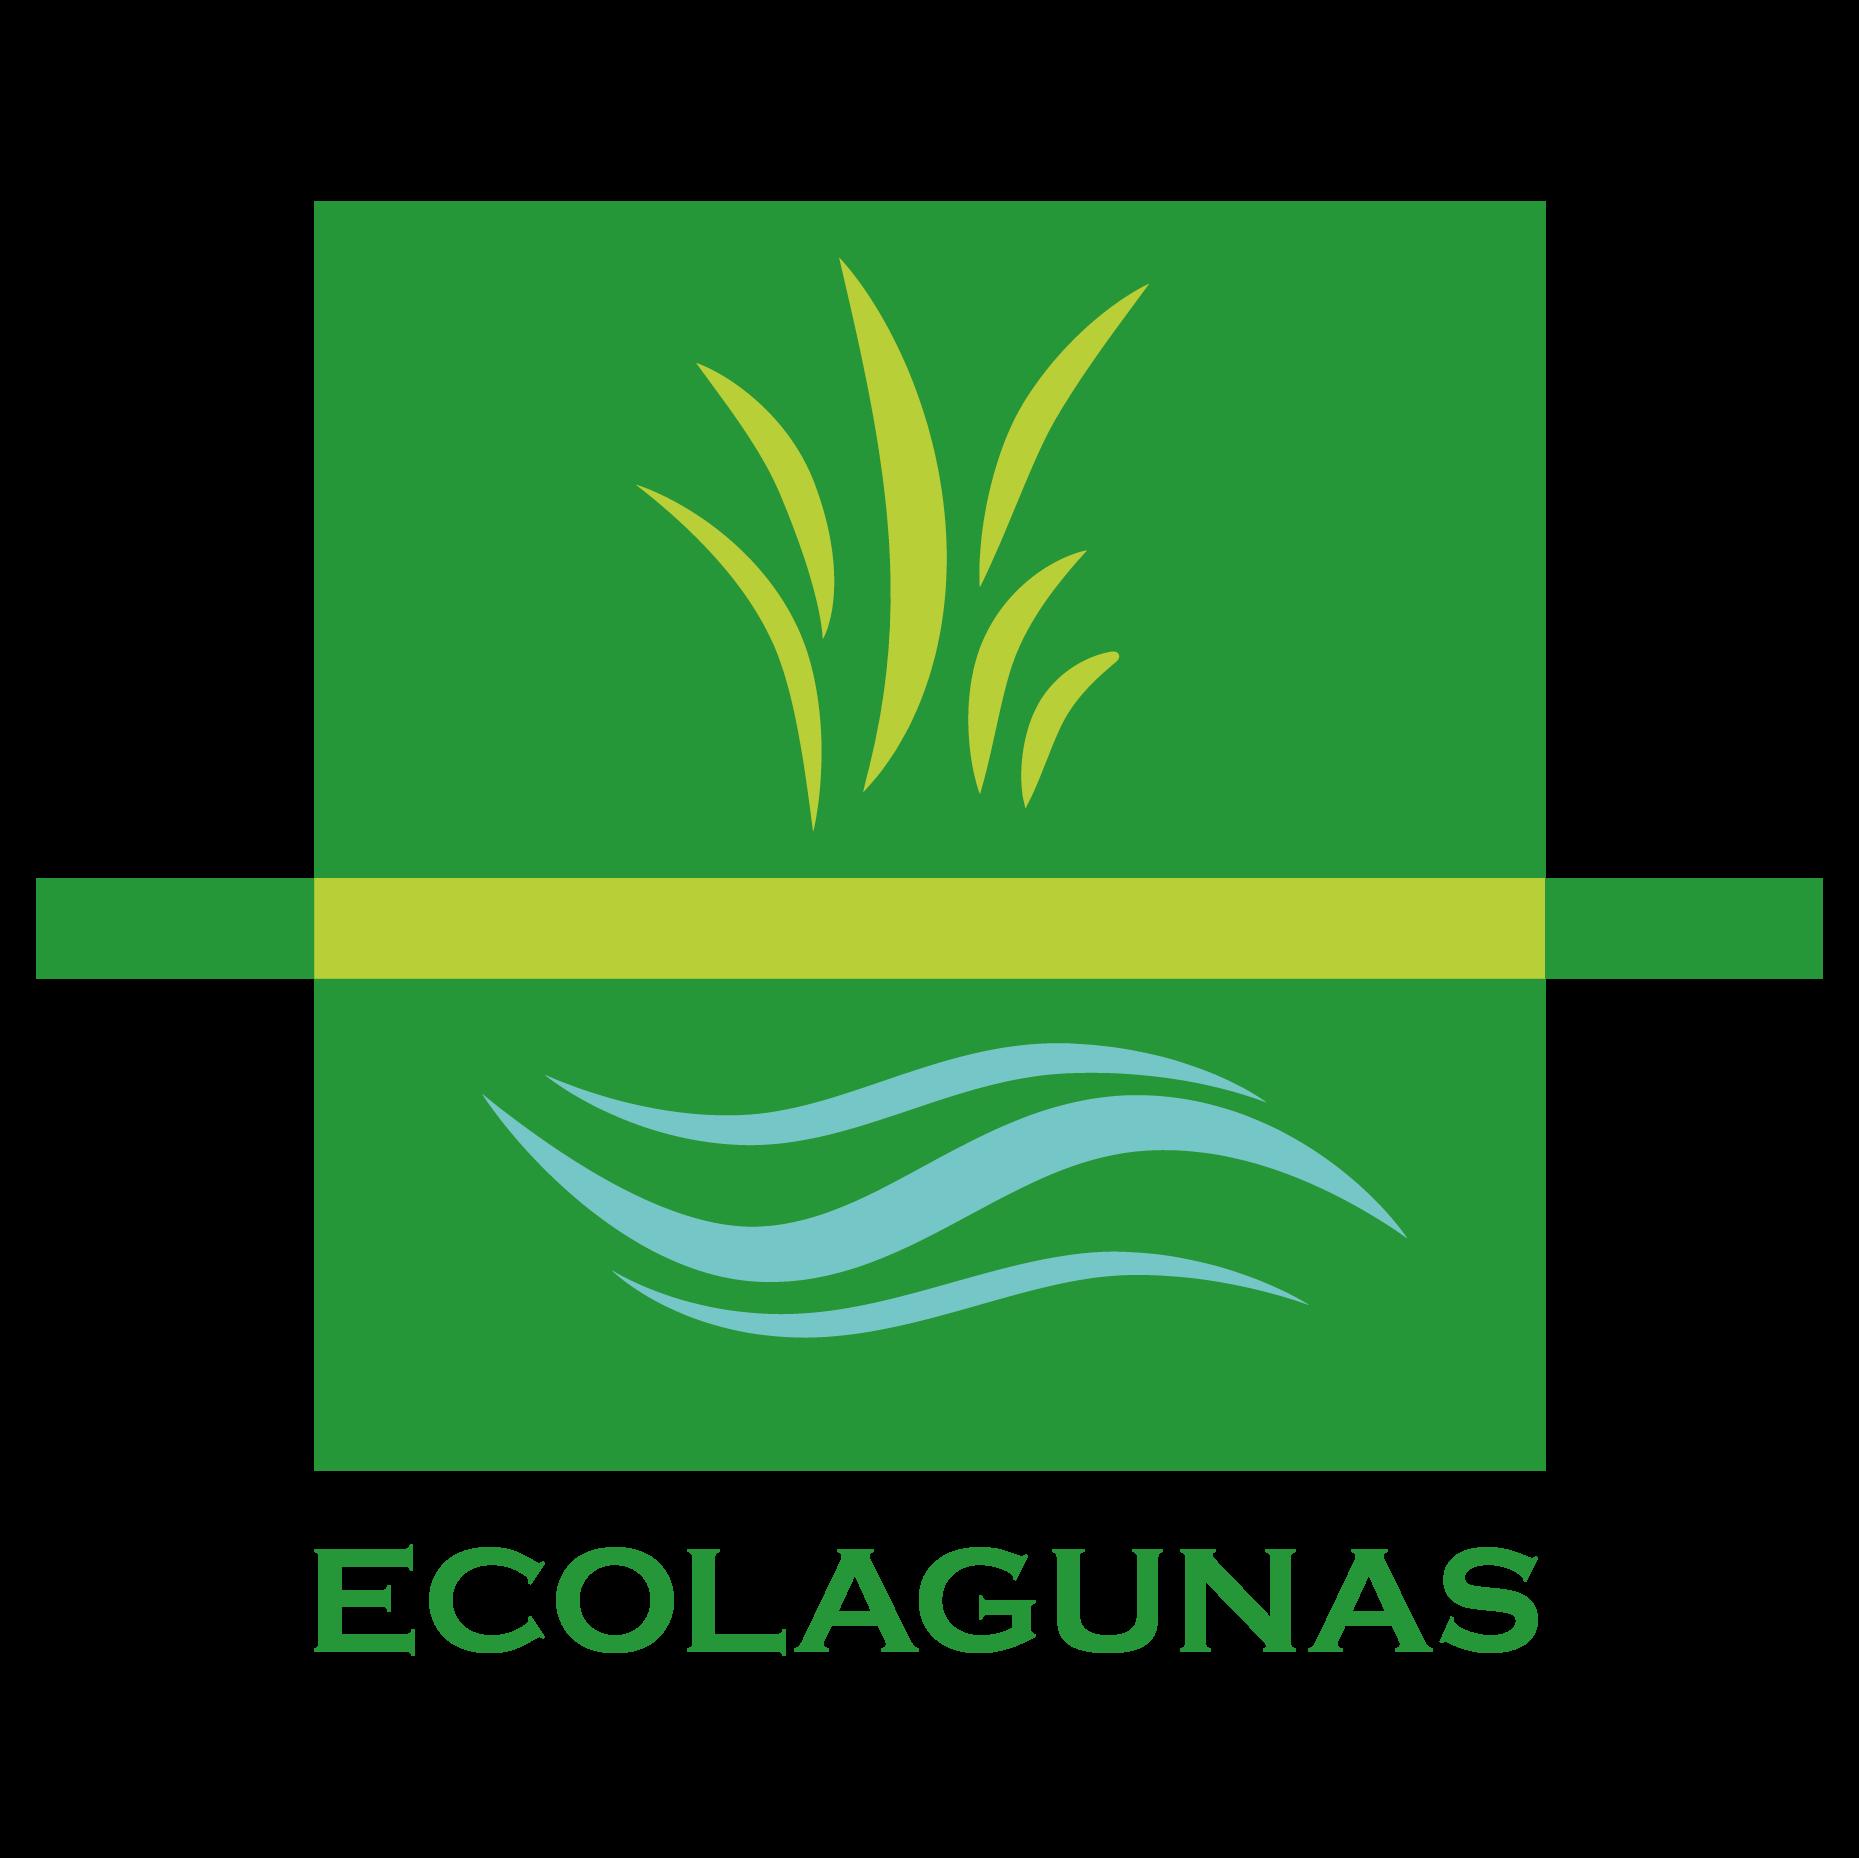 Ecolagunas - Depuración de aguas con humedales artificiales